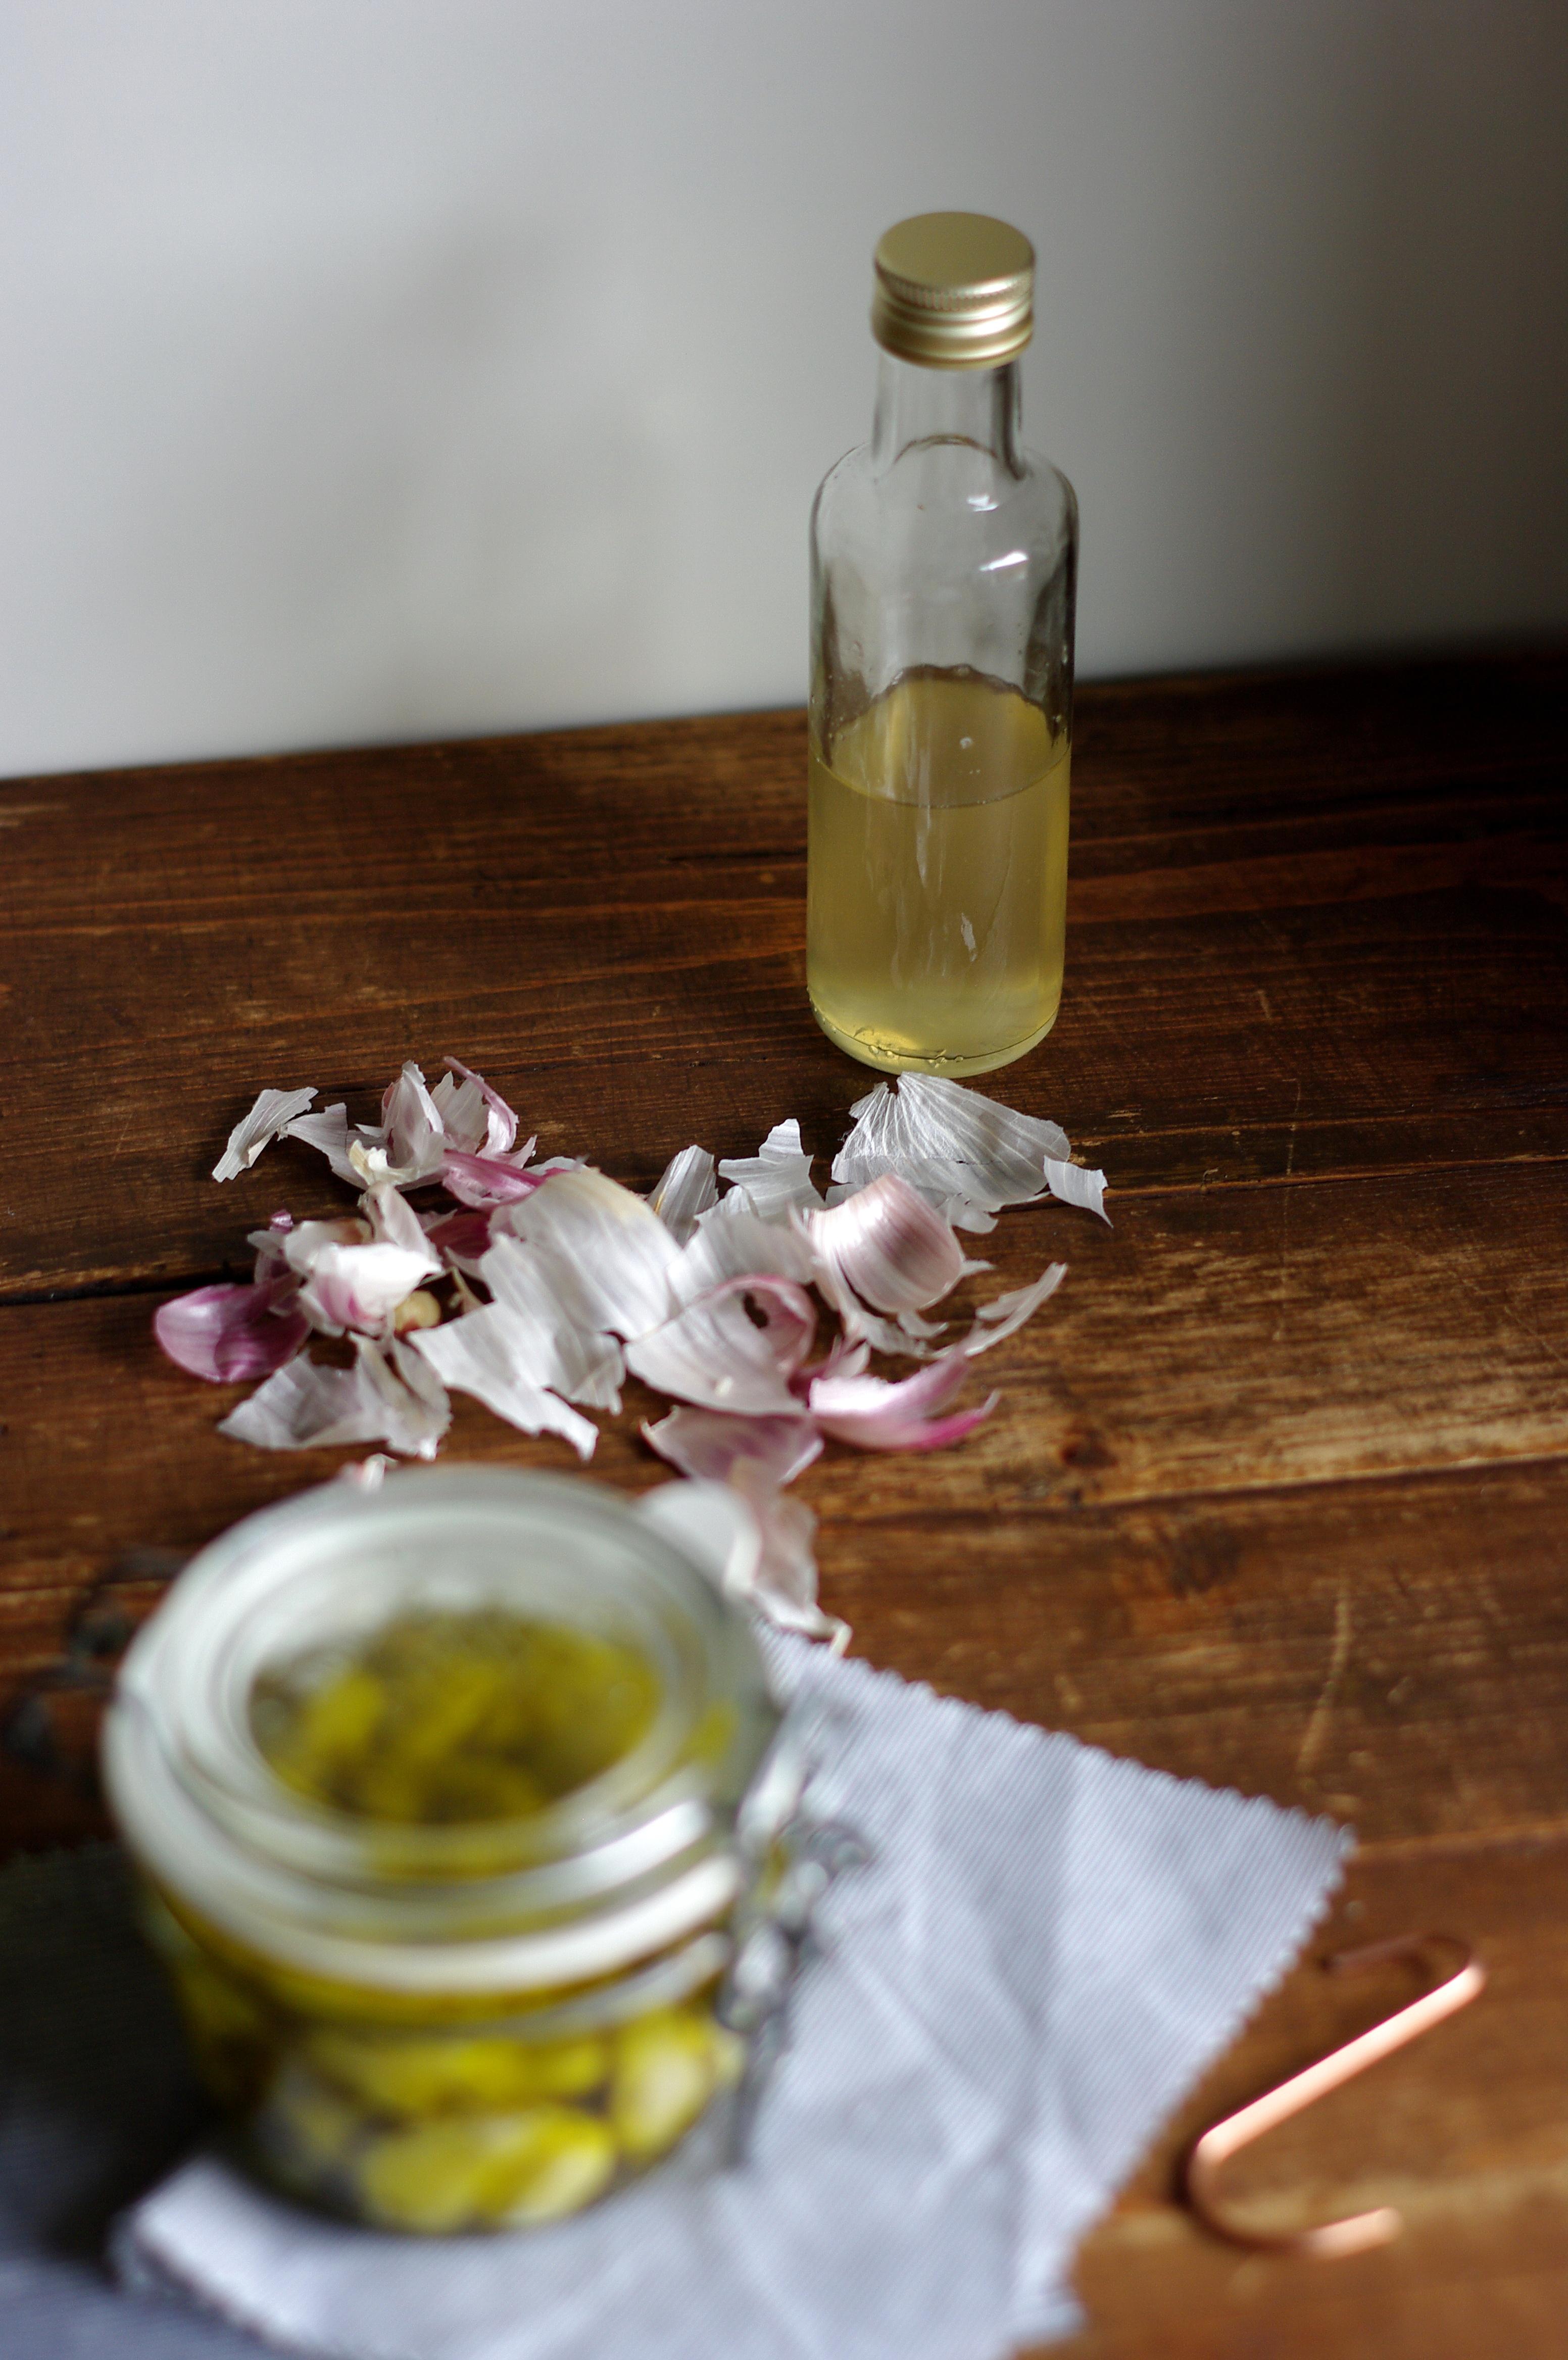 Knoblauch in Olivenöl by Glasgeflüster 5 groß